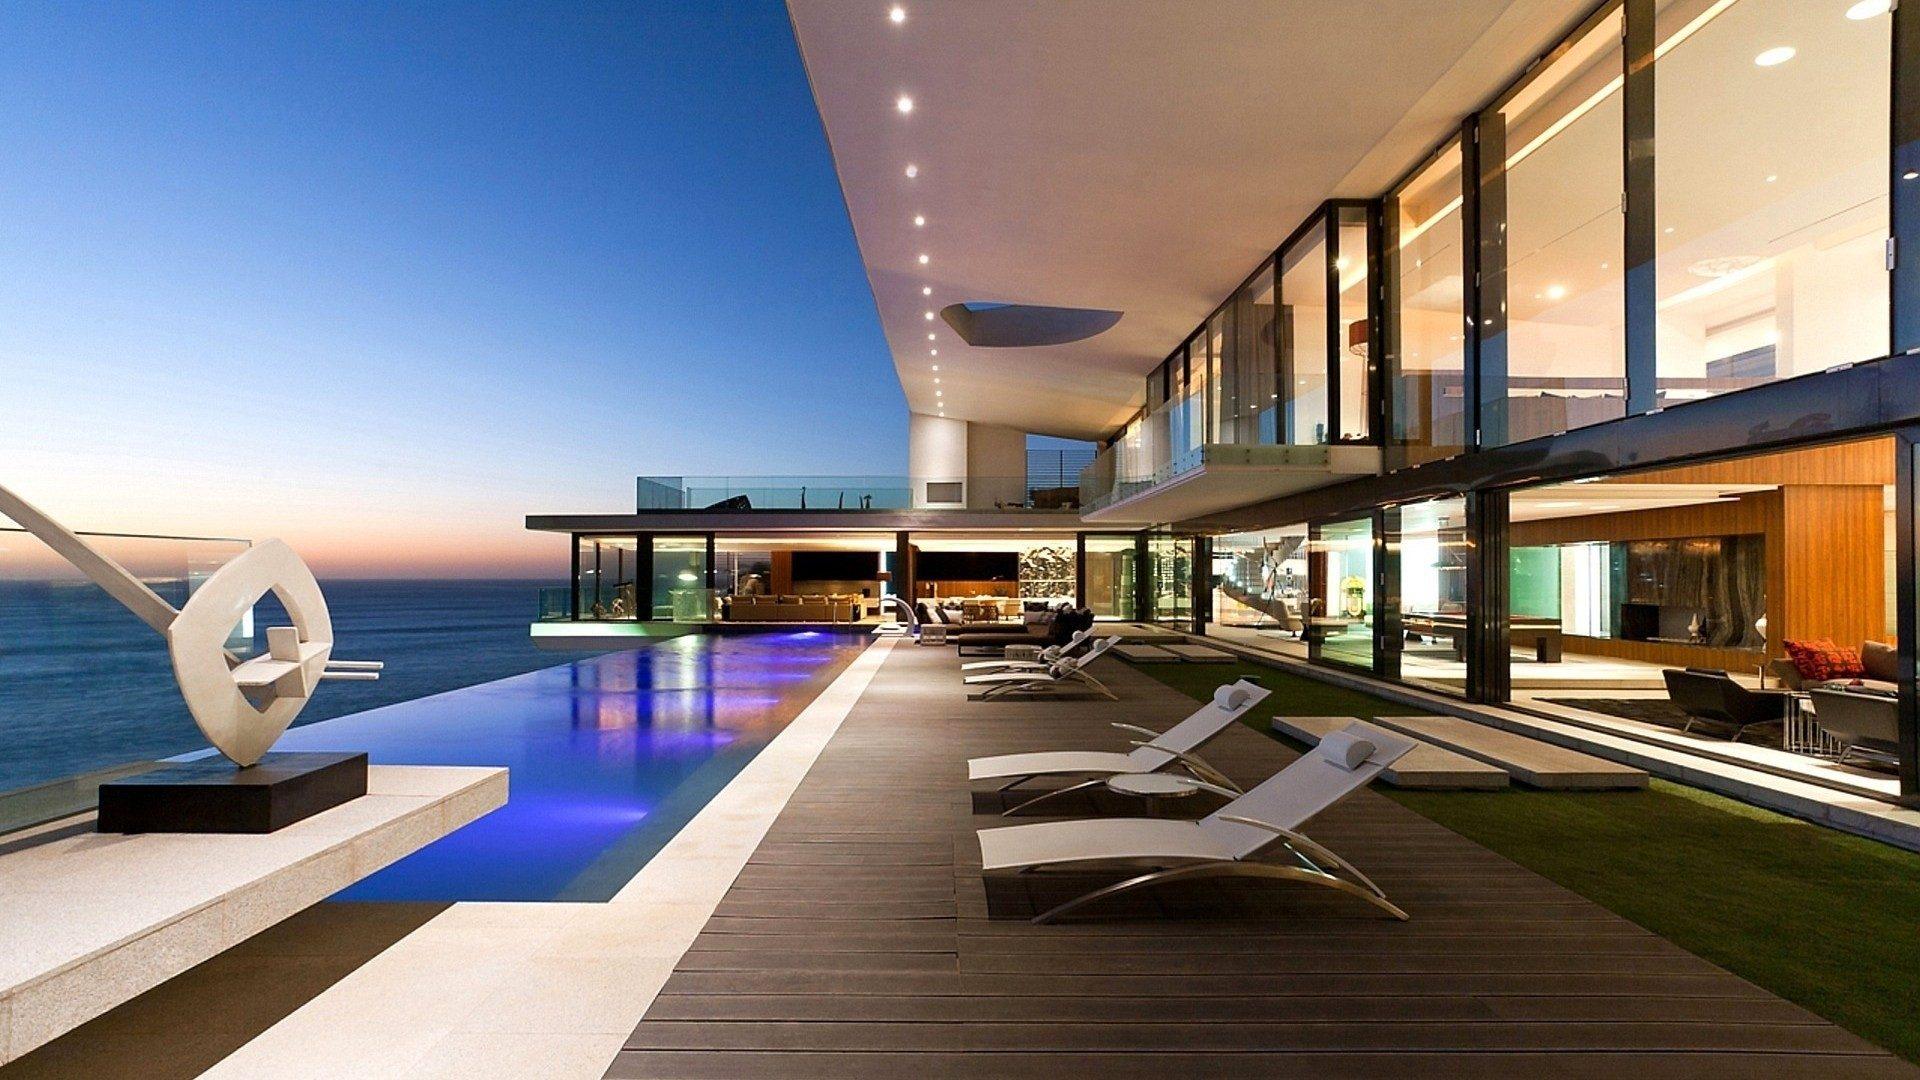 Casas de lujo en marbella - Casas de lujo en el mundo ...